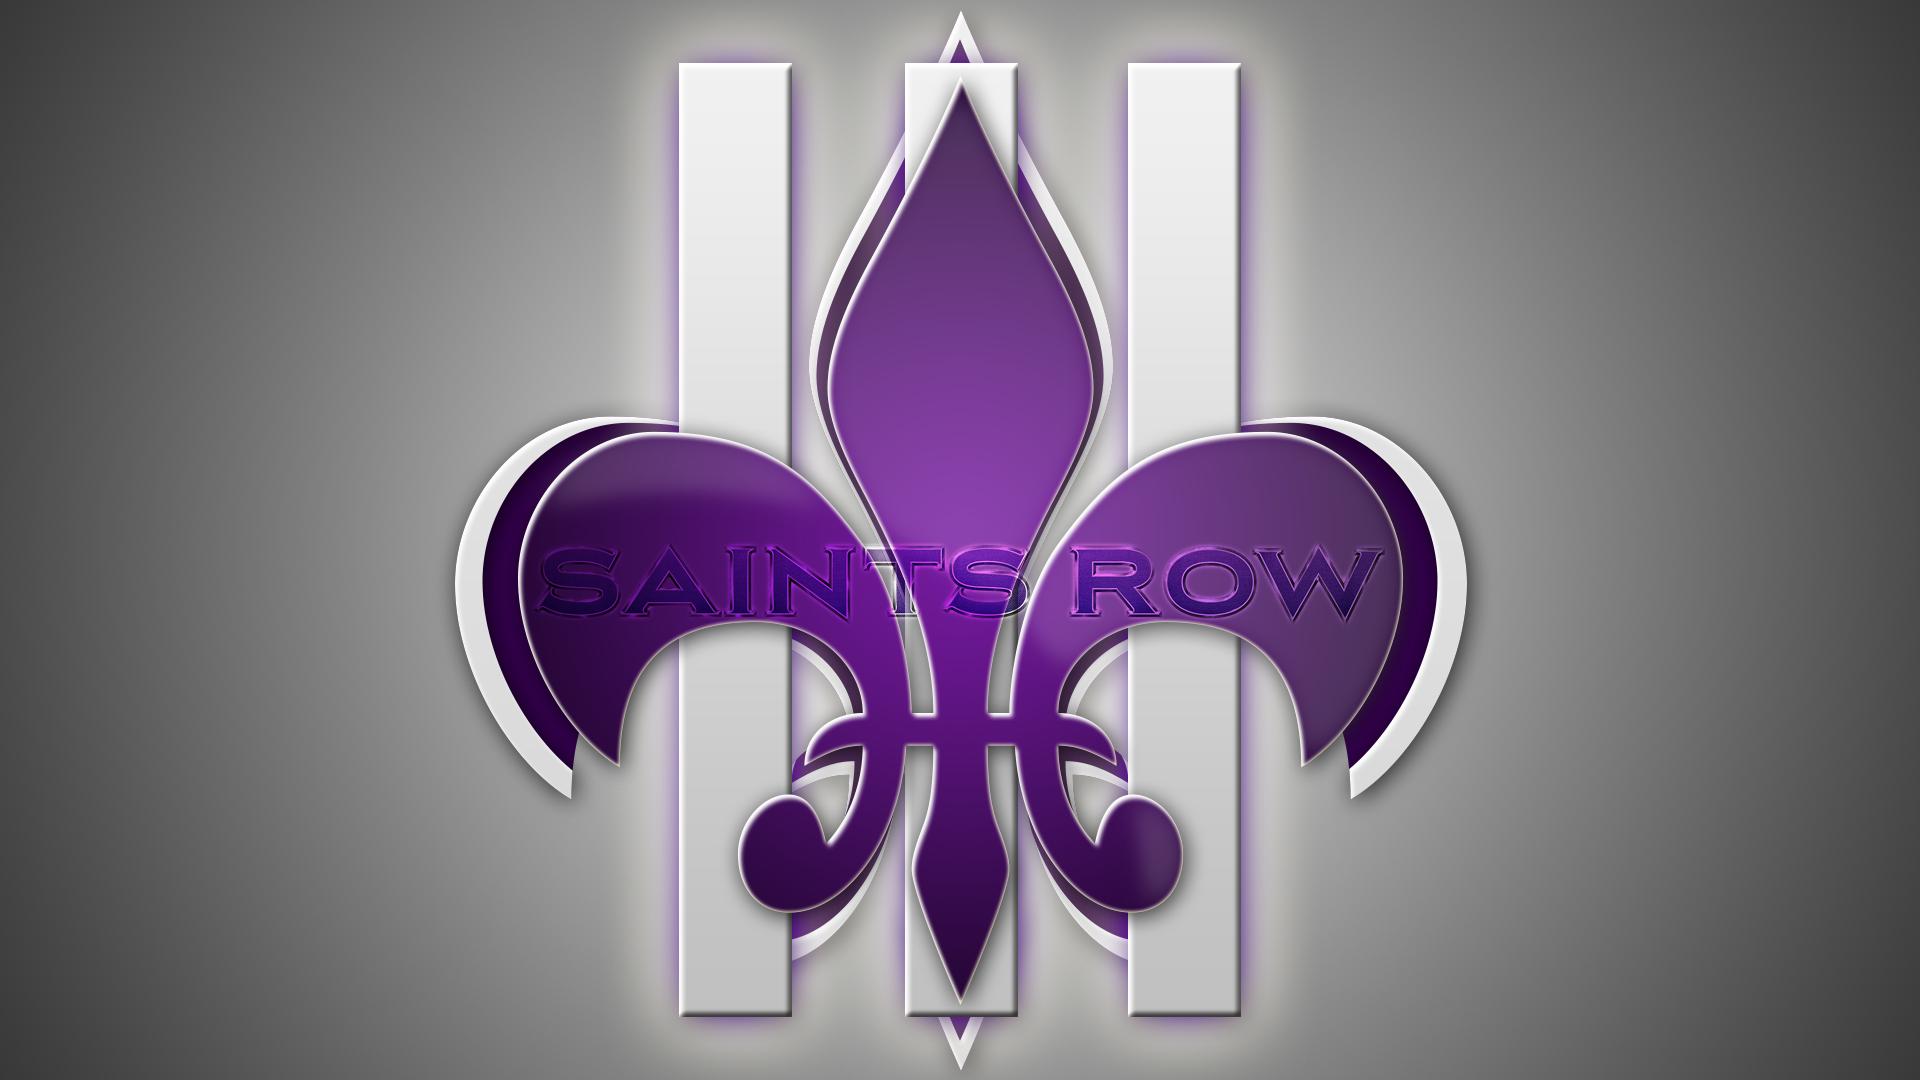 Saints Logo Purple Wallpaper Saints row 3 by 1920x1080